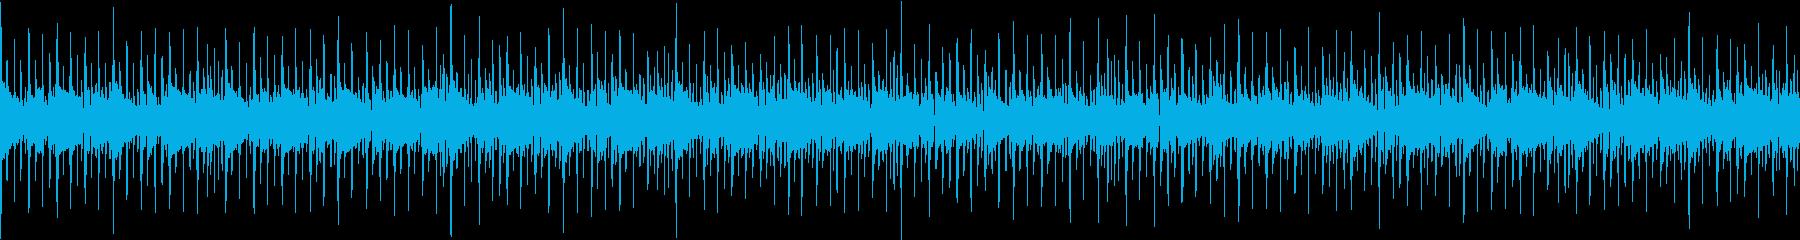 西部ガンマンの宴(ロック)の再生済みの波形